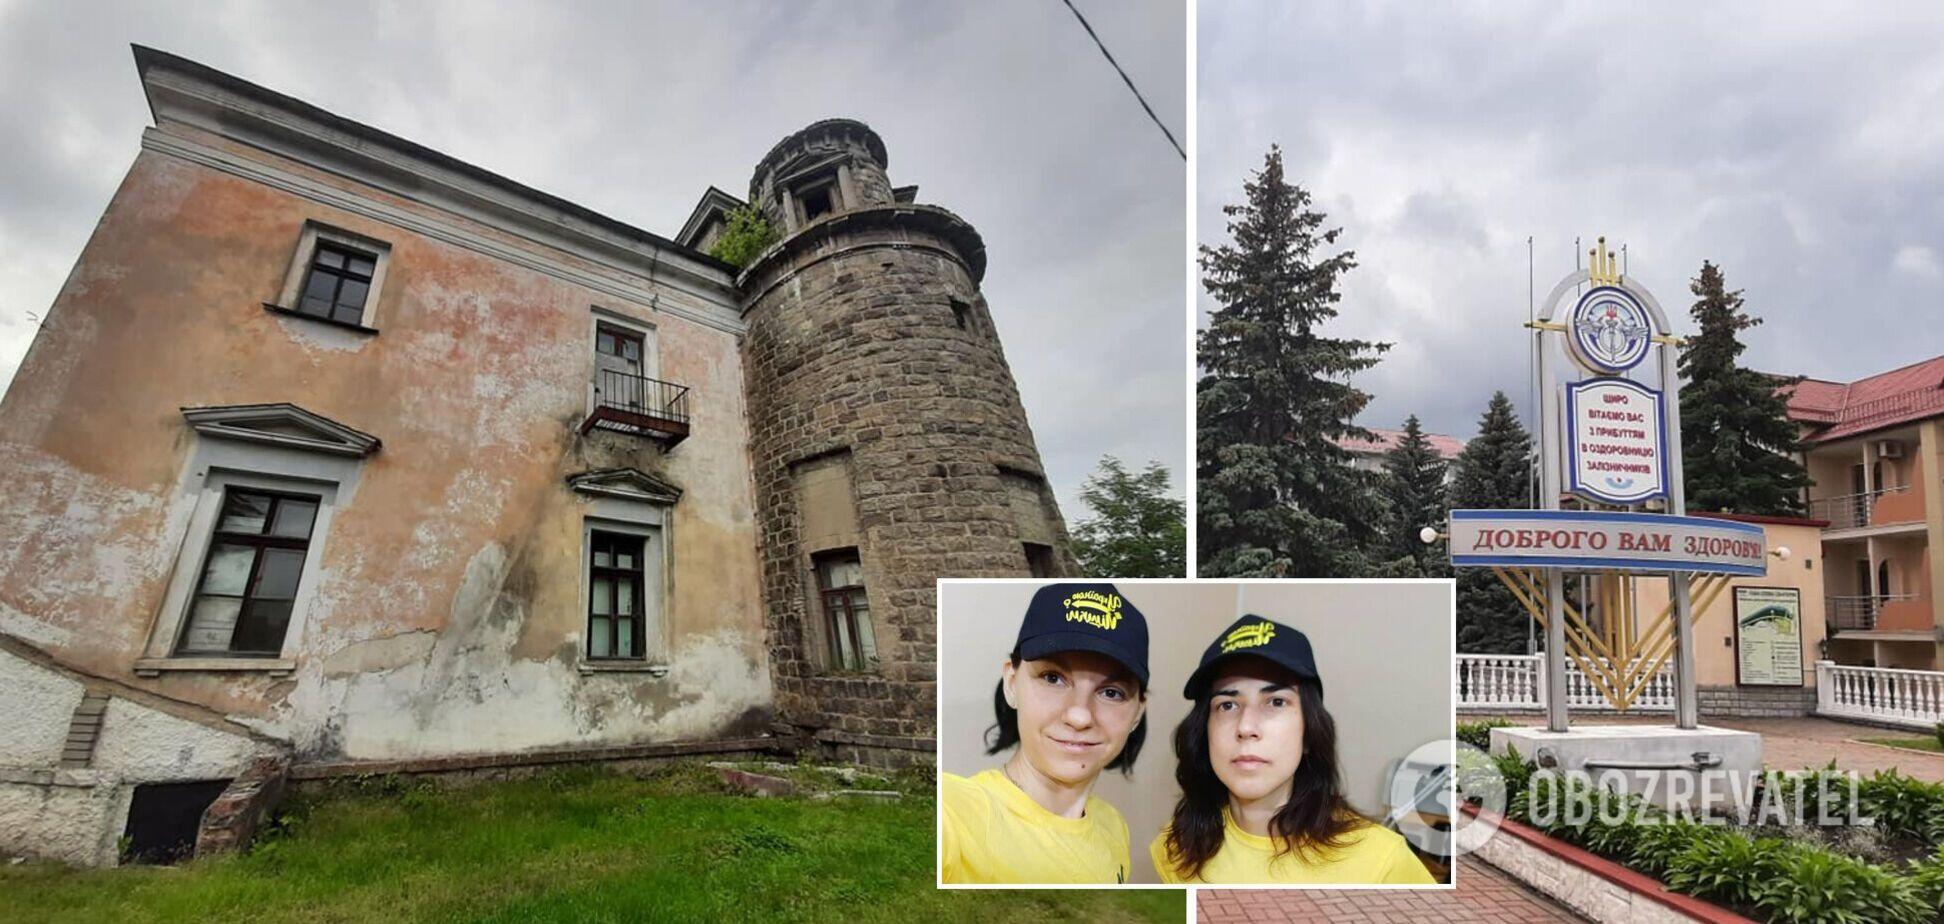 Дві дівчини вирушили пішки з Рівного до Одеси і зіткнулися з труднощами